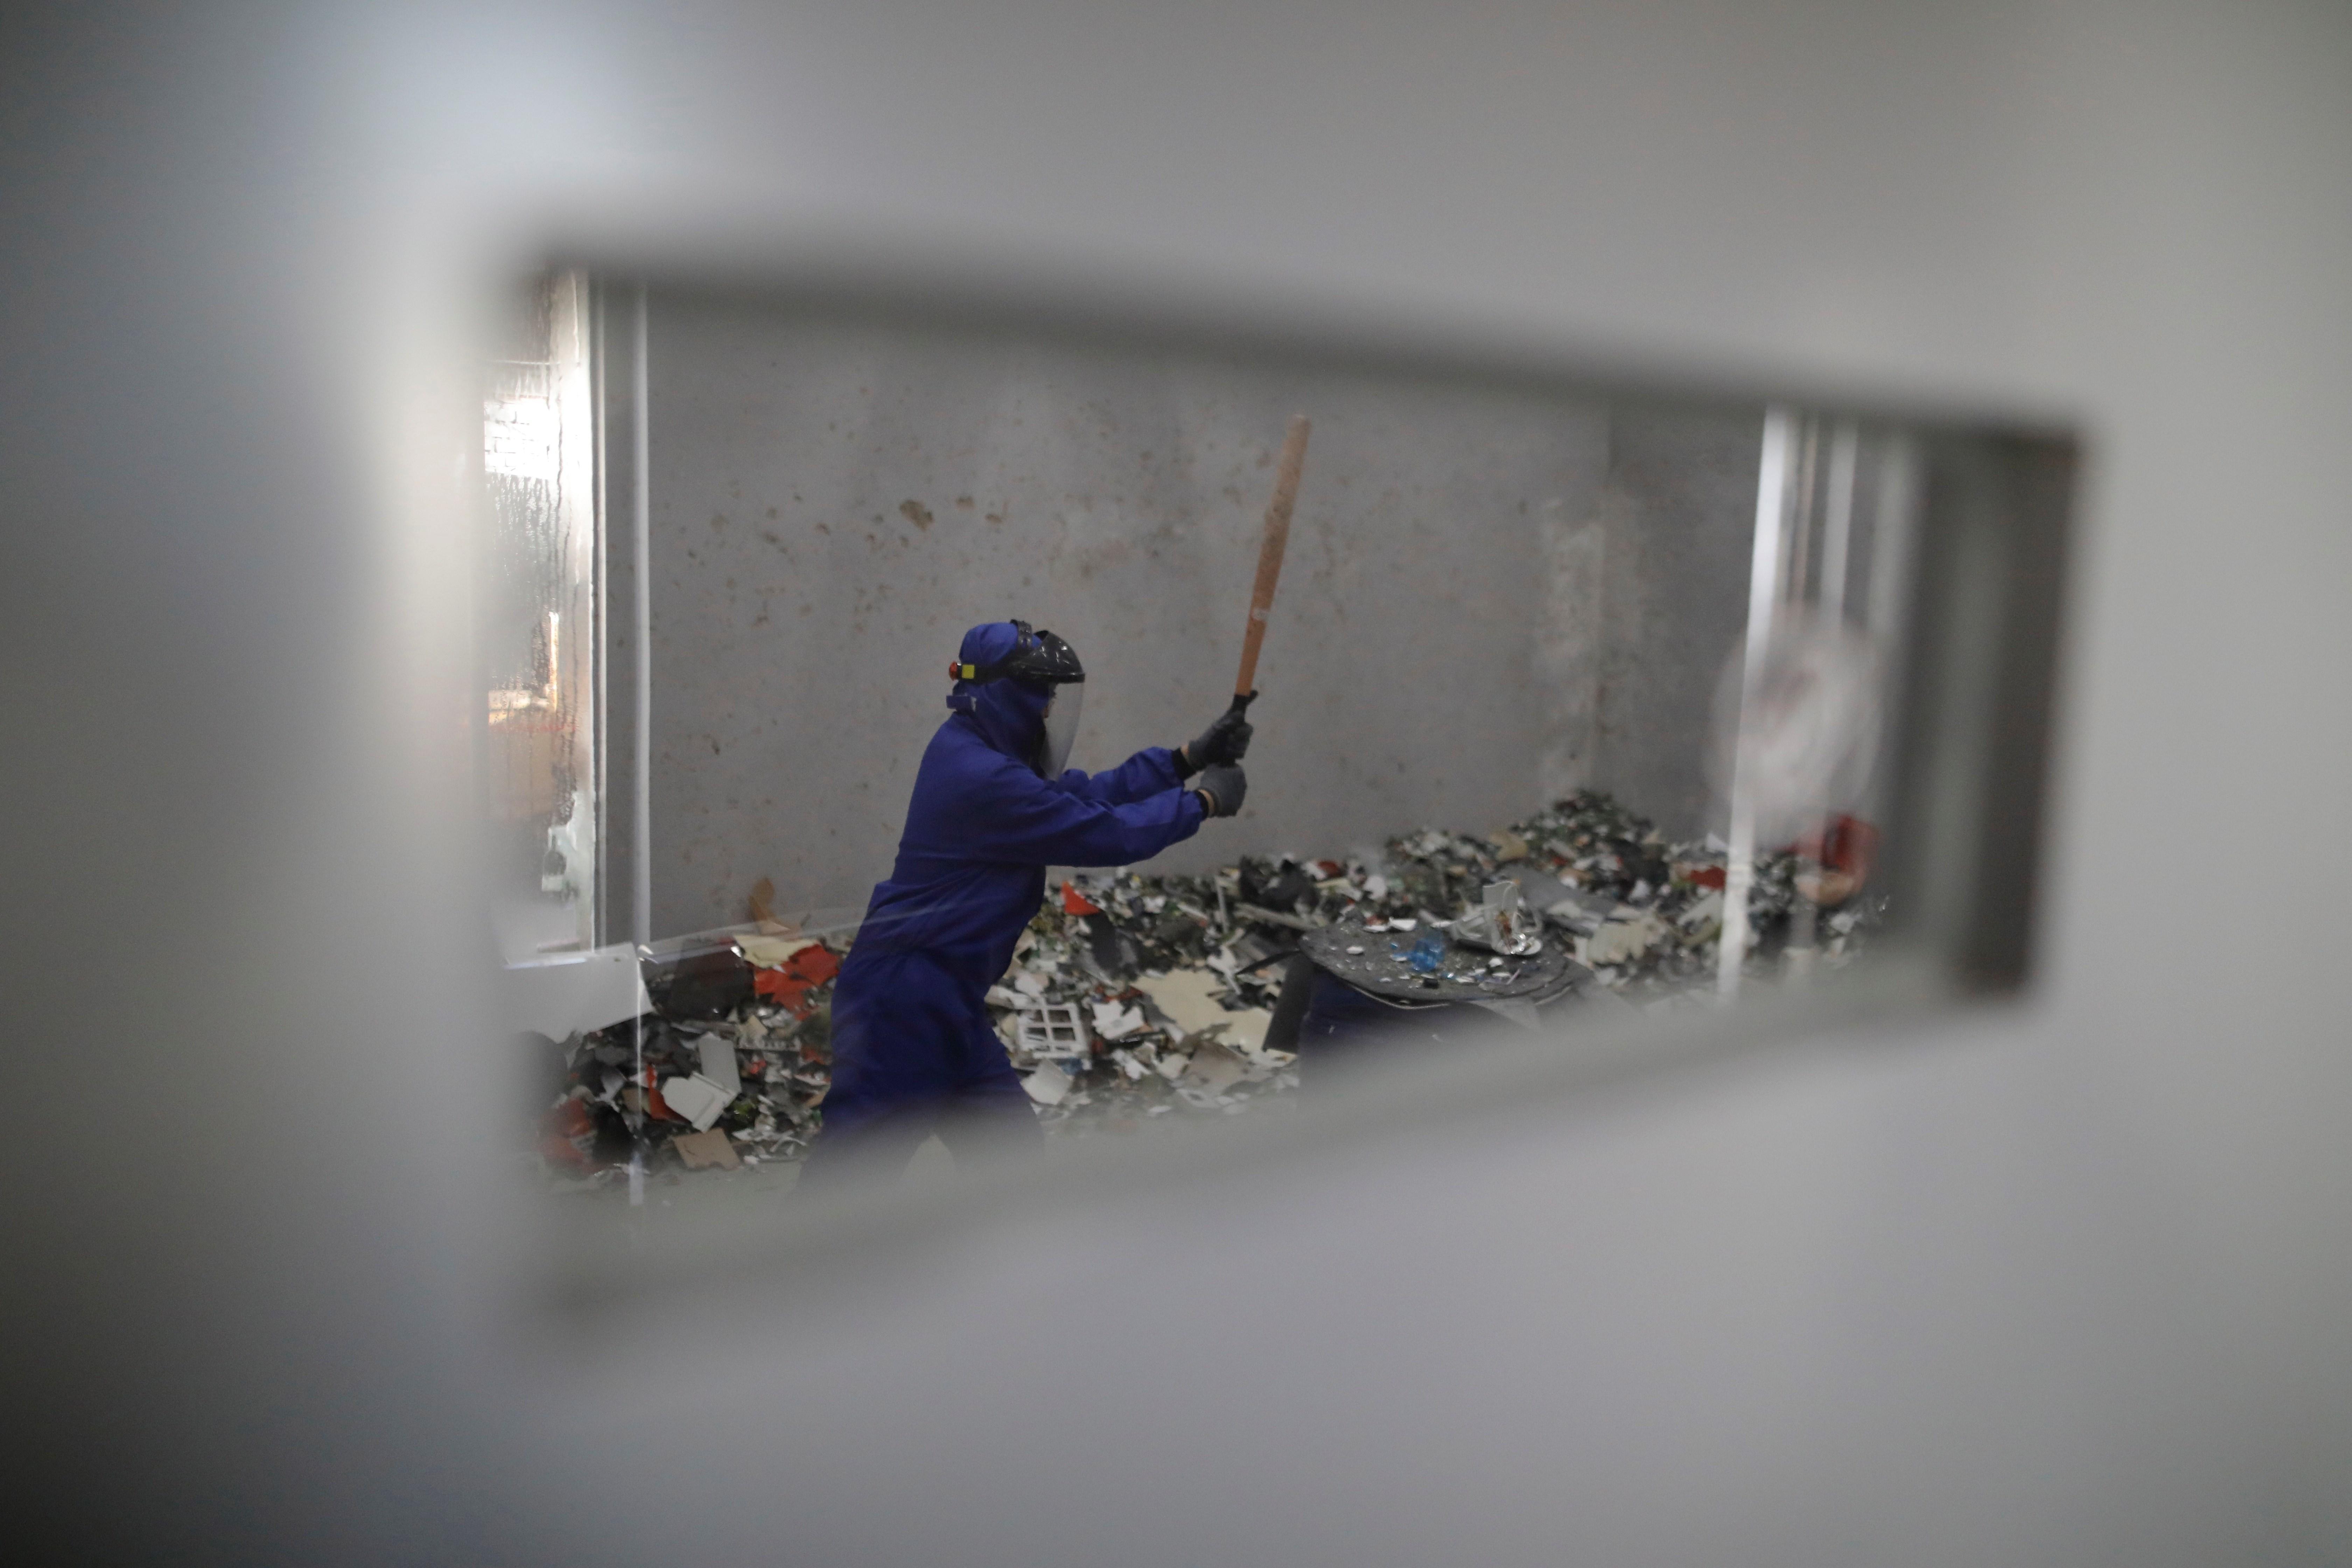 La sala, que abrió en la capital china en septiembre de 2018, ayuda a sus clientes a liberar estrés rompiendo botellas, muebles viejos, maniquíes y otros objetos por unos 26 euros media hora. (Foto Prensa Libre: EFE)